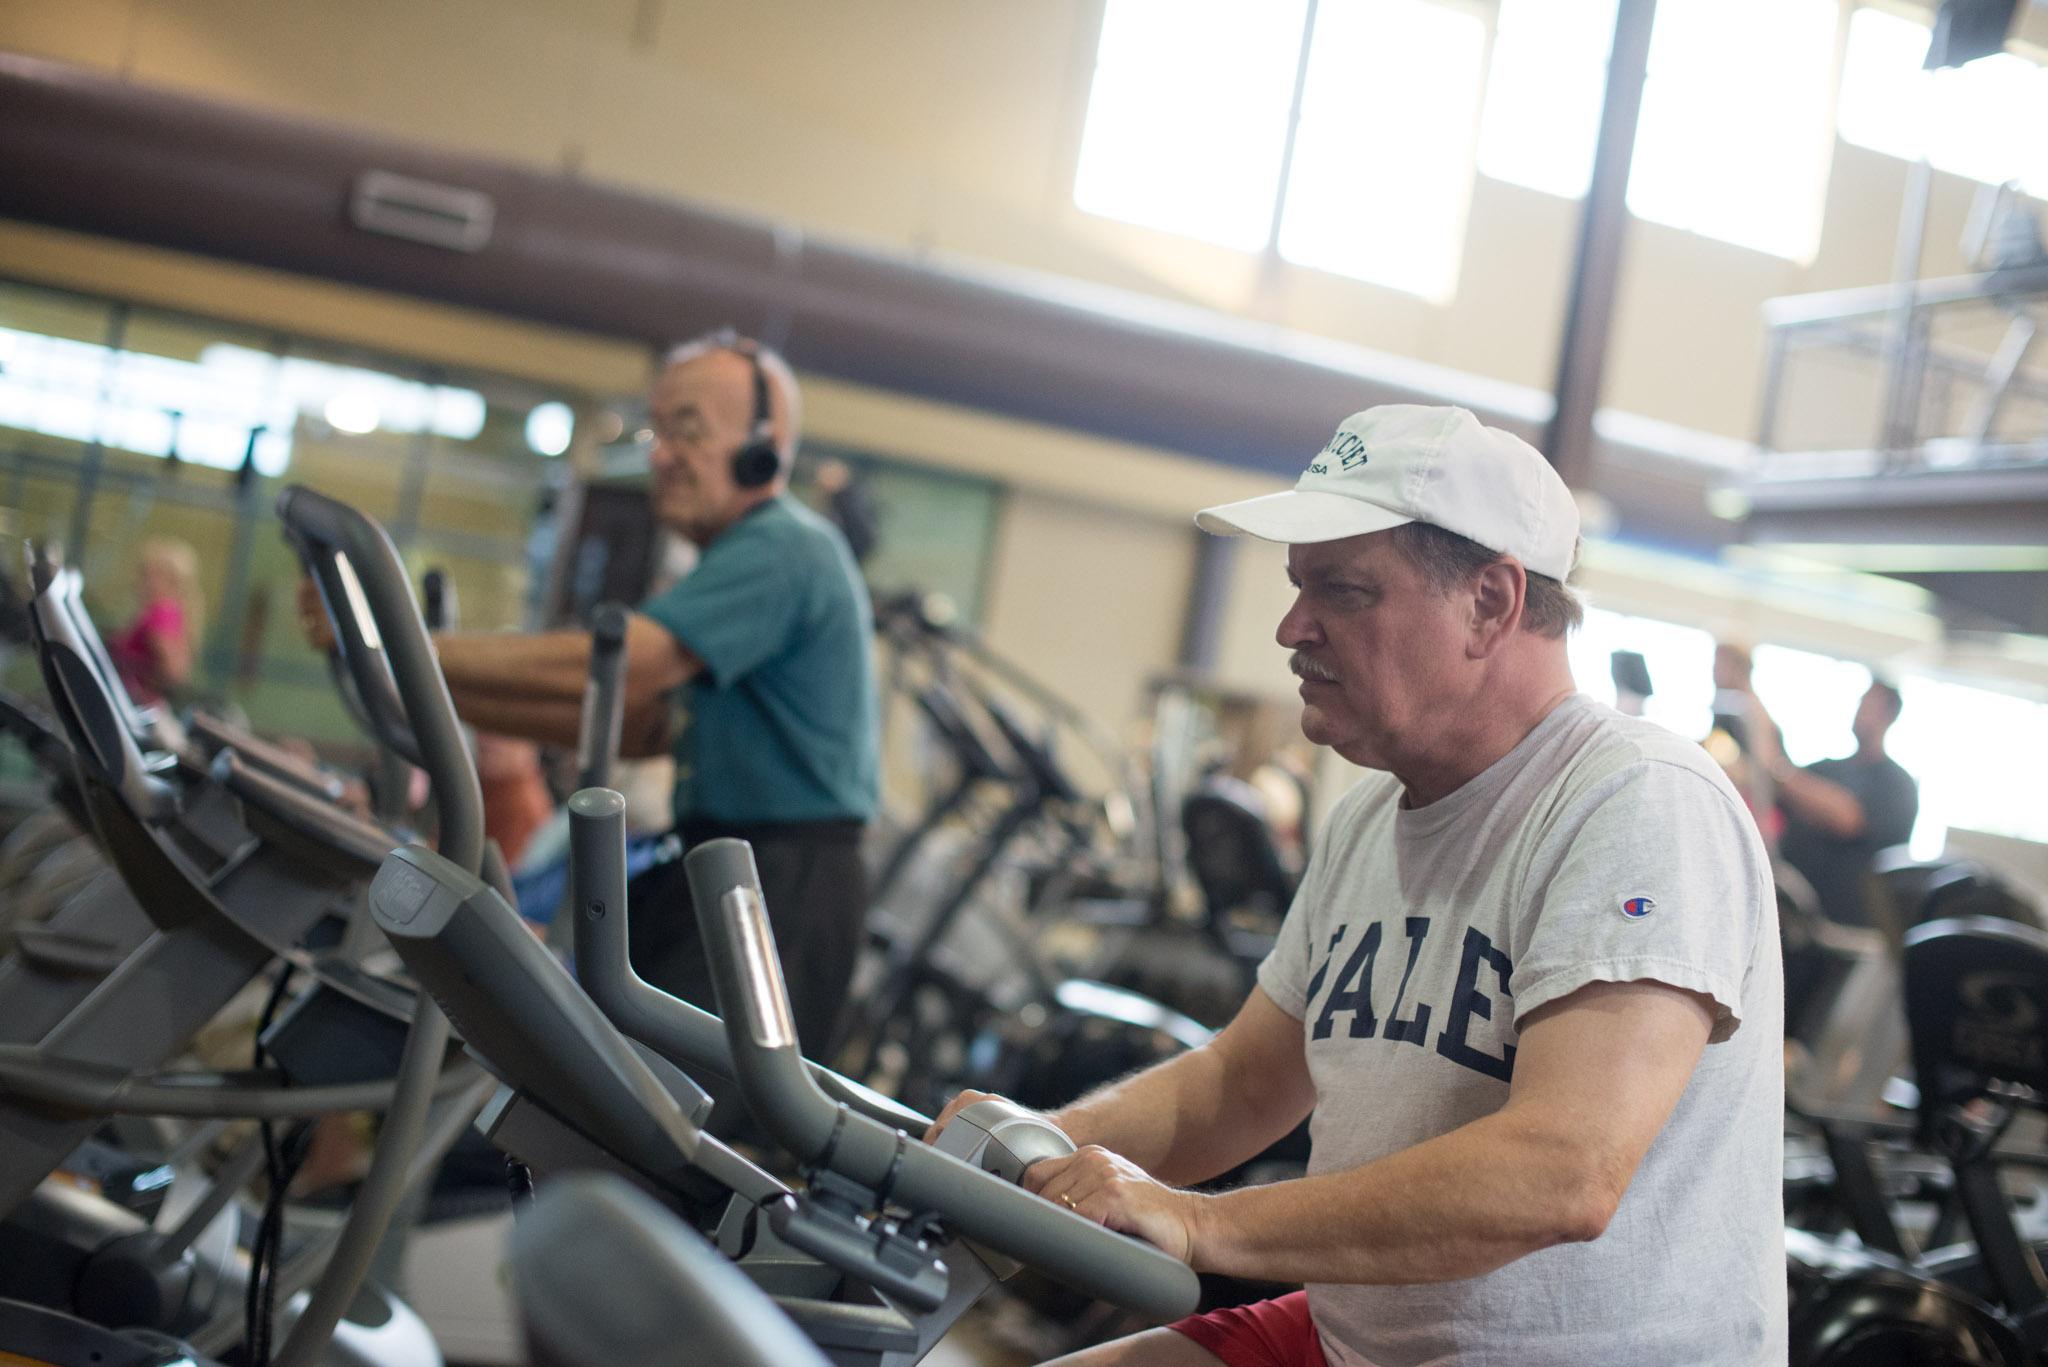 Wellness Center Stock Photos-1159.jpg